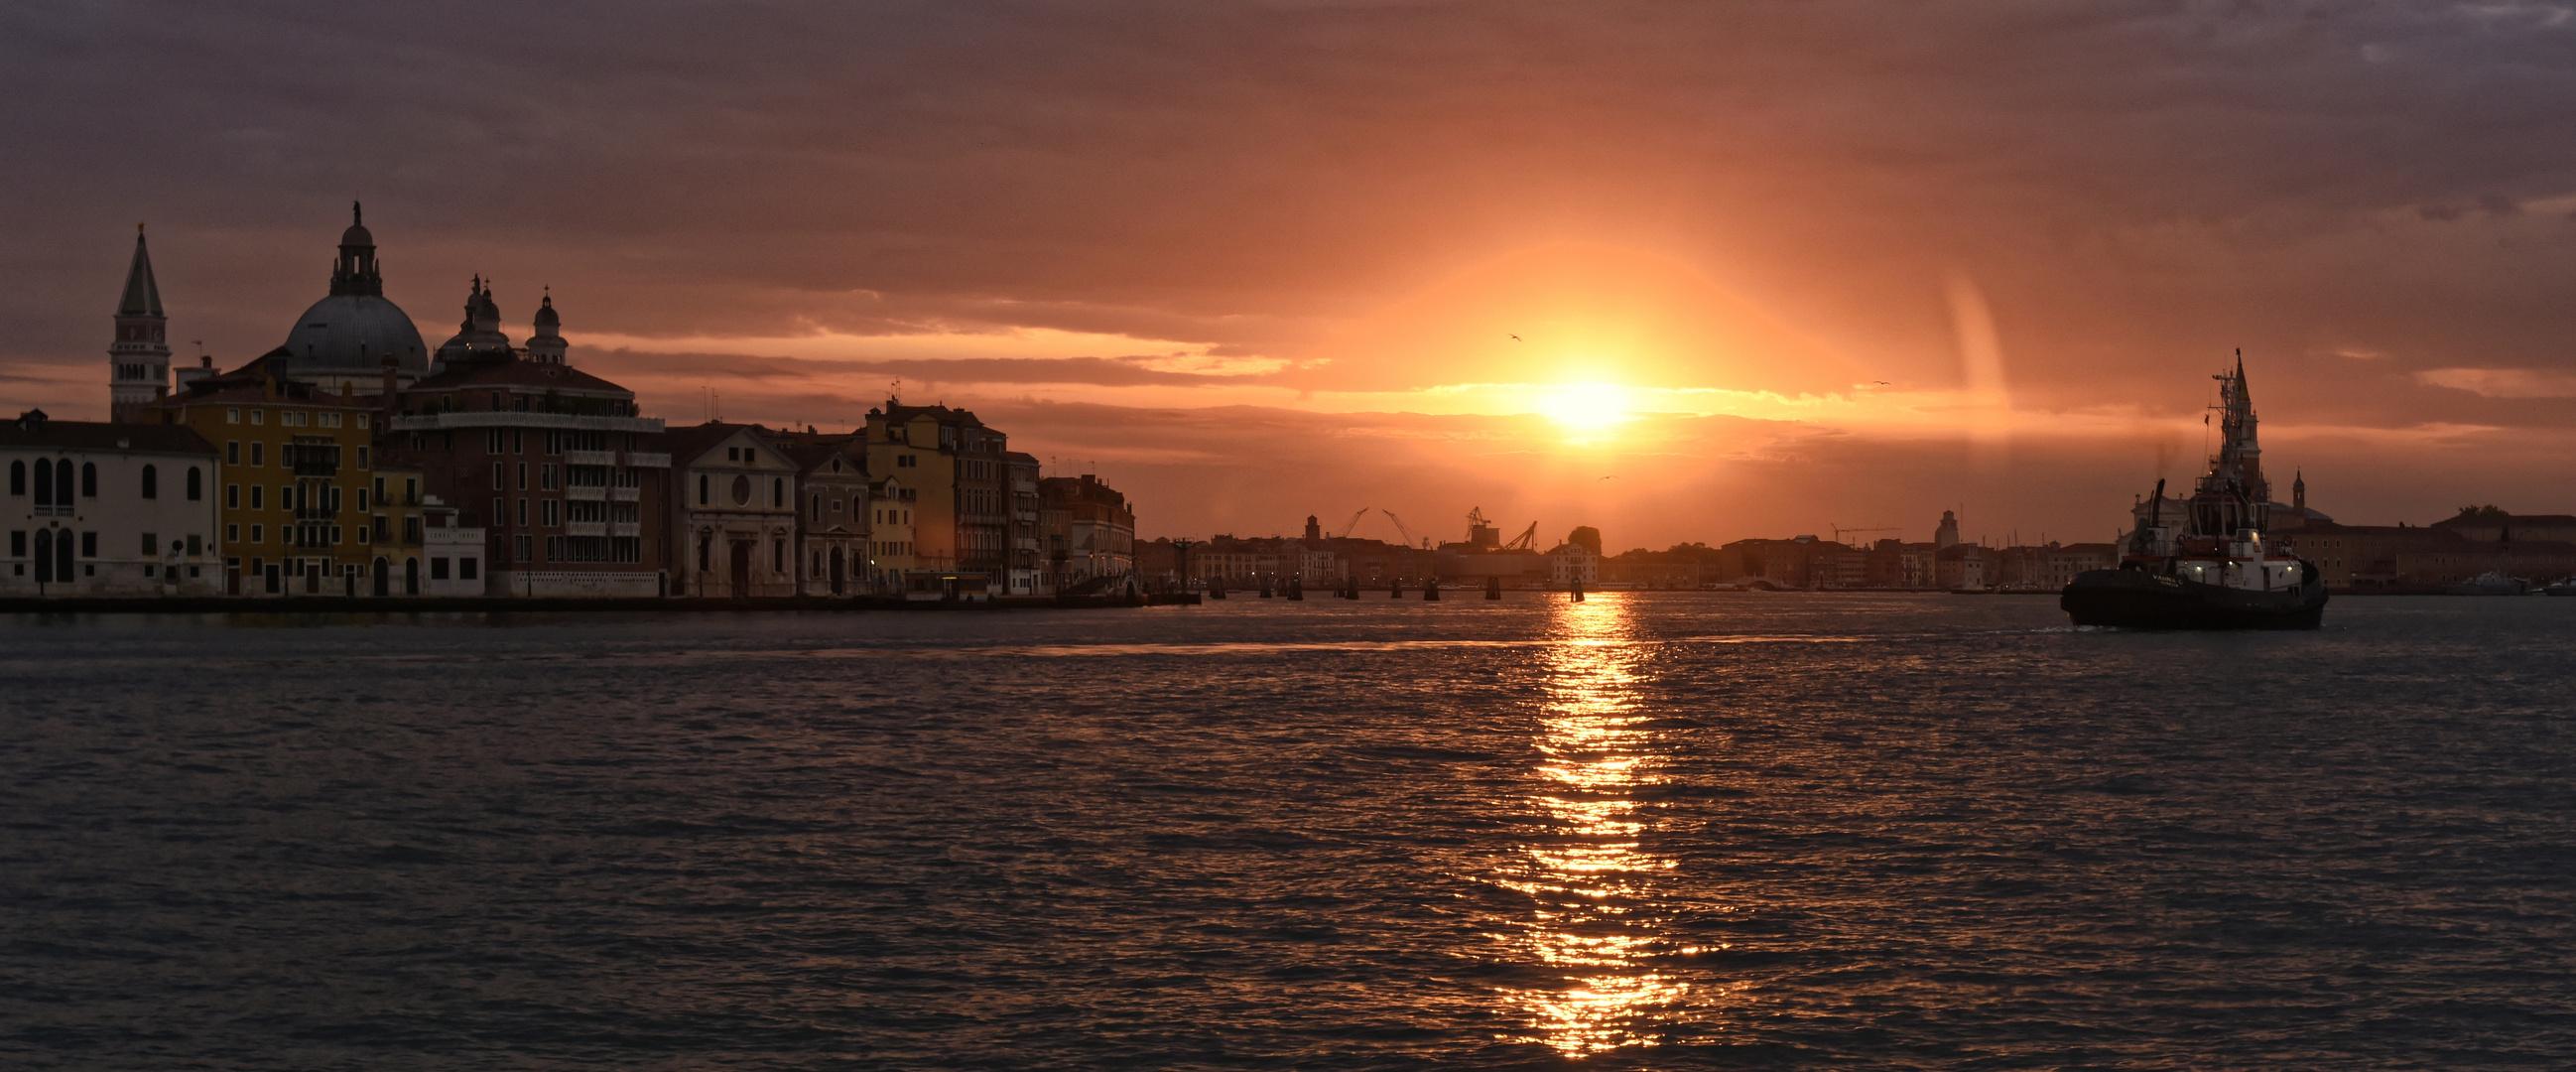 sole mio .......Venezia